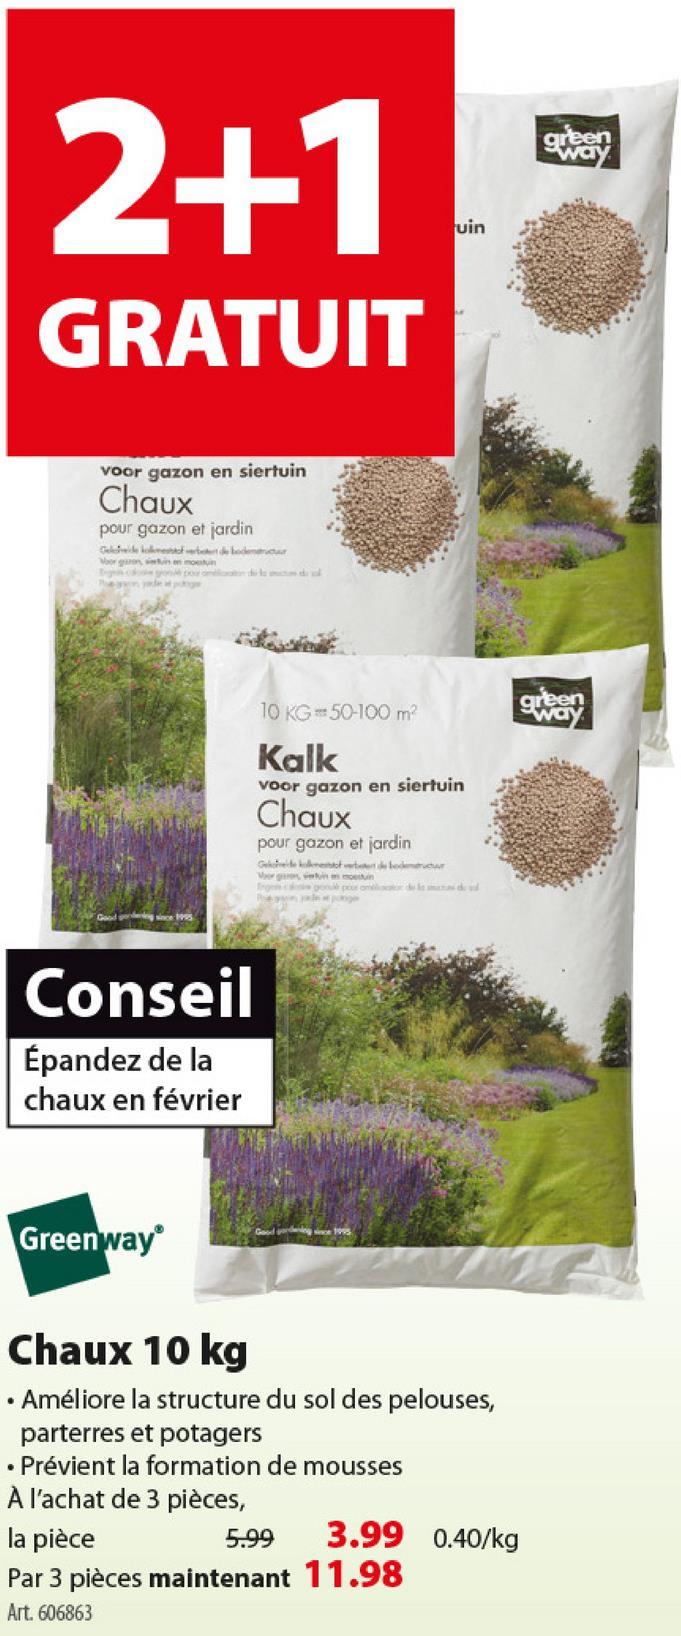 Chaux pour le jardin Greenway 10 kg -